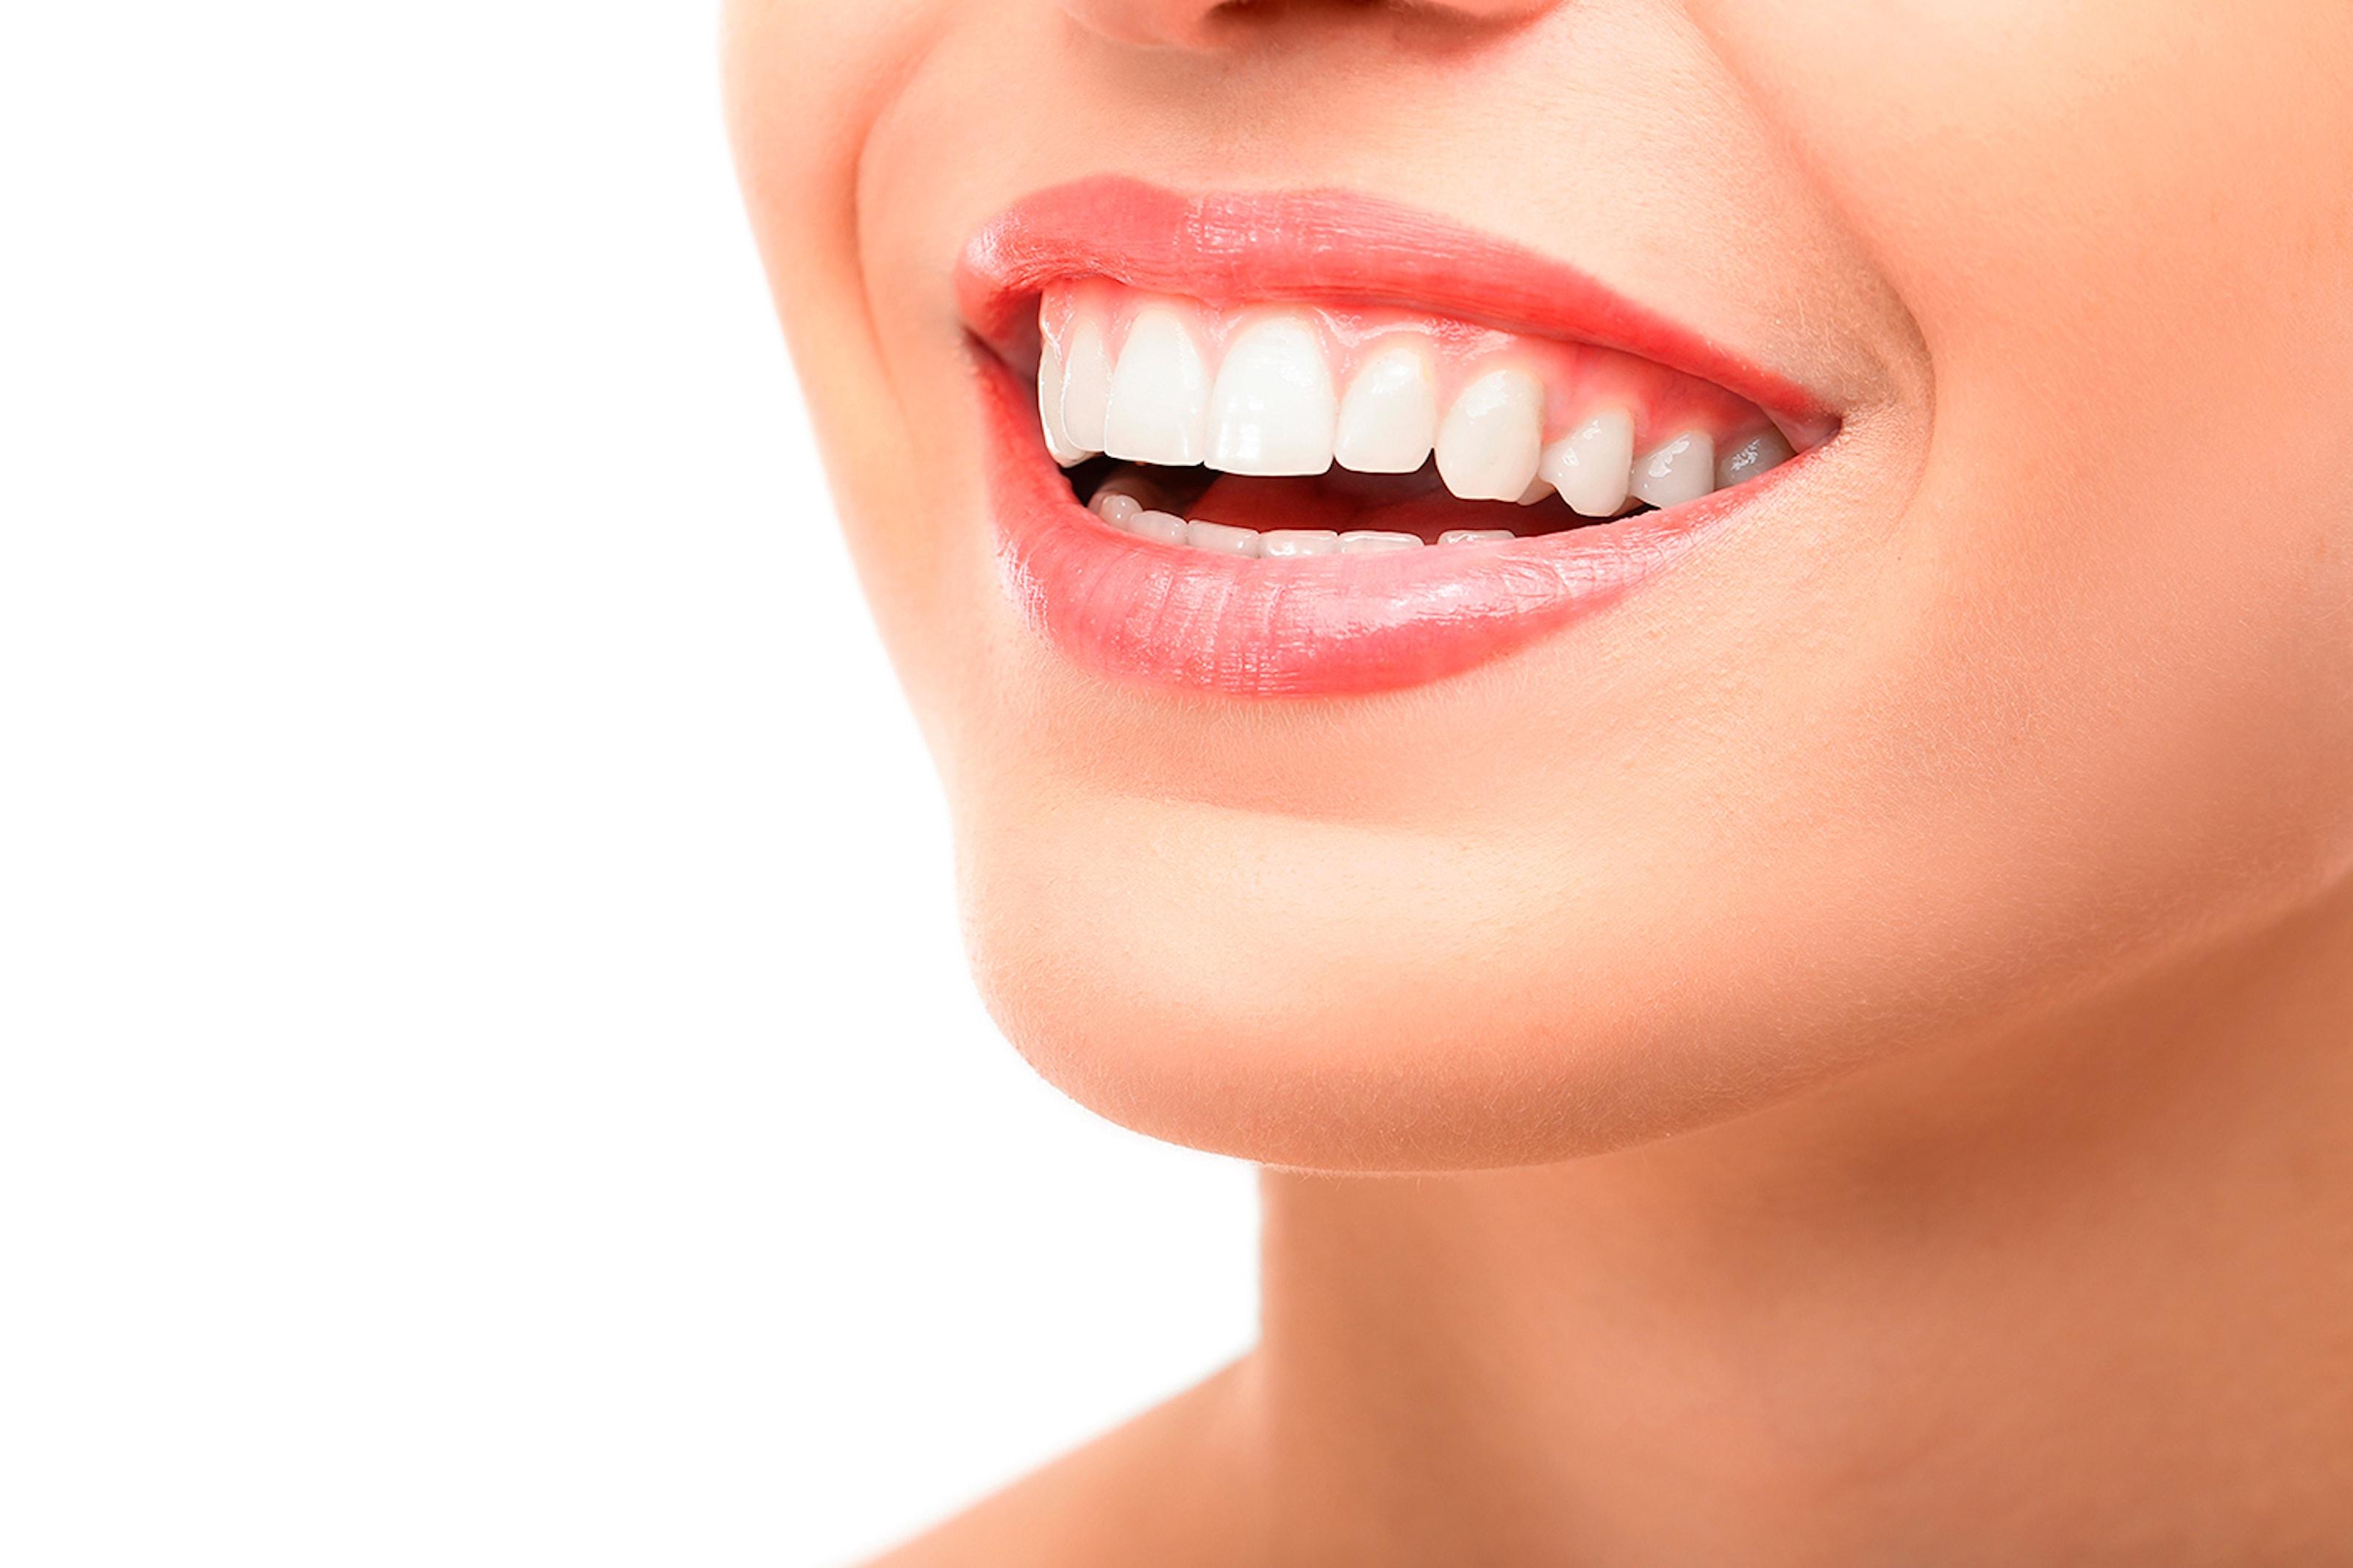 Komplett tannlegeundersøkelse